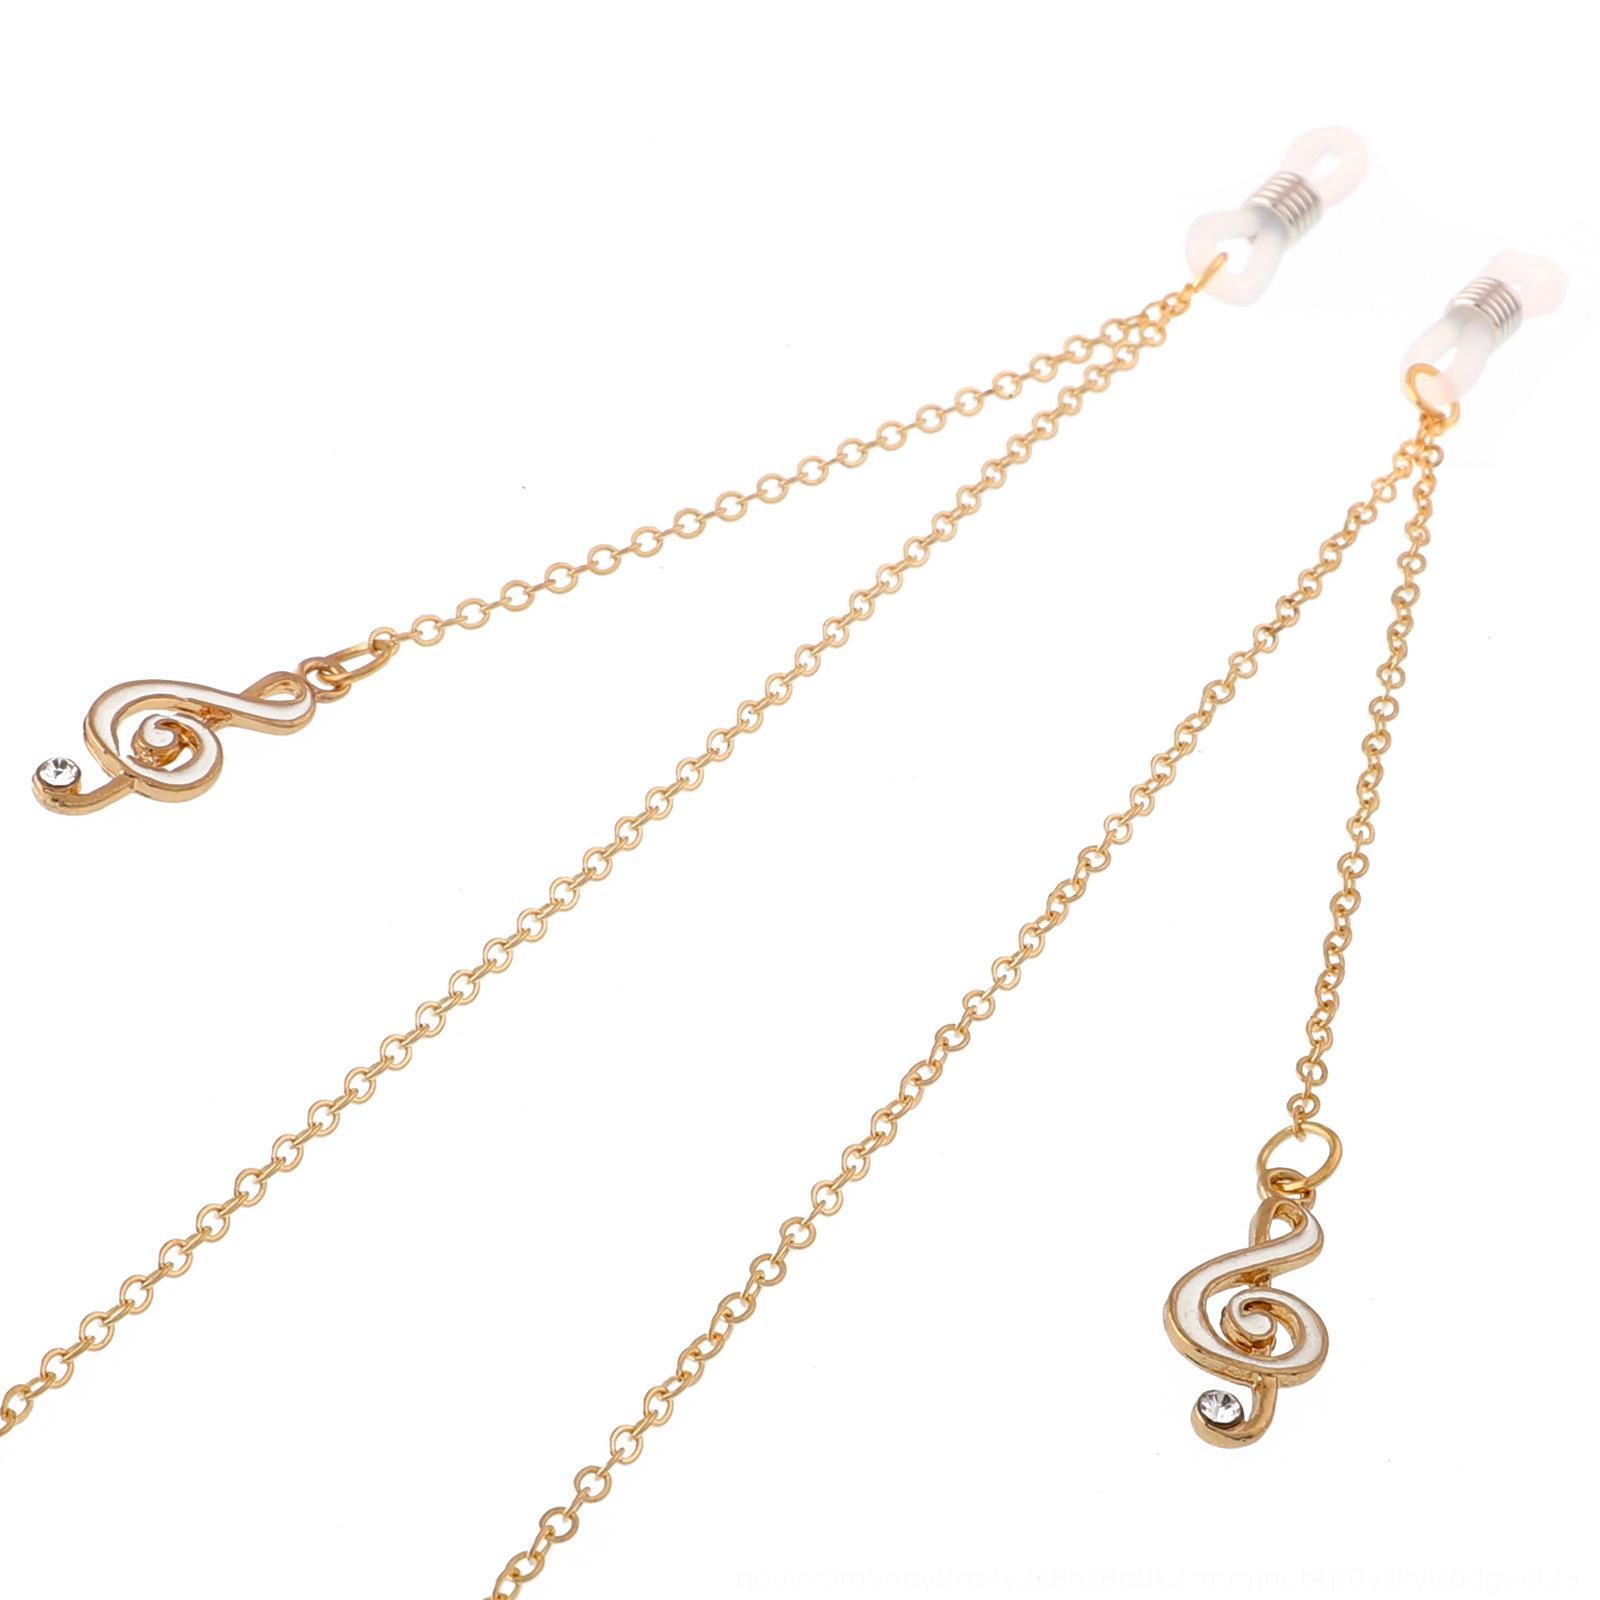 Crf13 Kaymaz aksesuar aksesuarlar metal halat Altın elmas taklidi notları Kaymaz aksesuarları zinciri kolye aksesuar metal gözlük ipi Altın